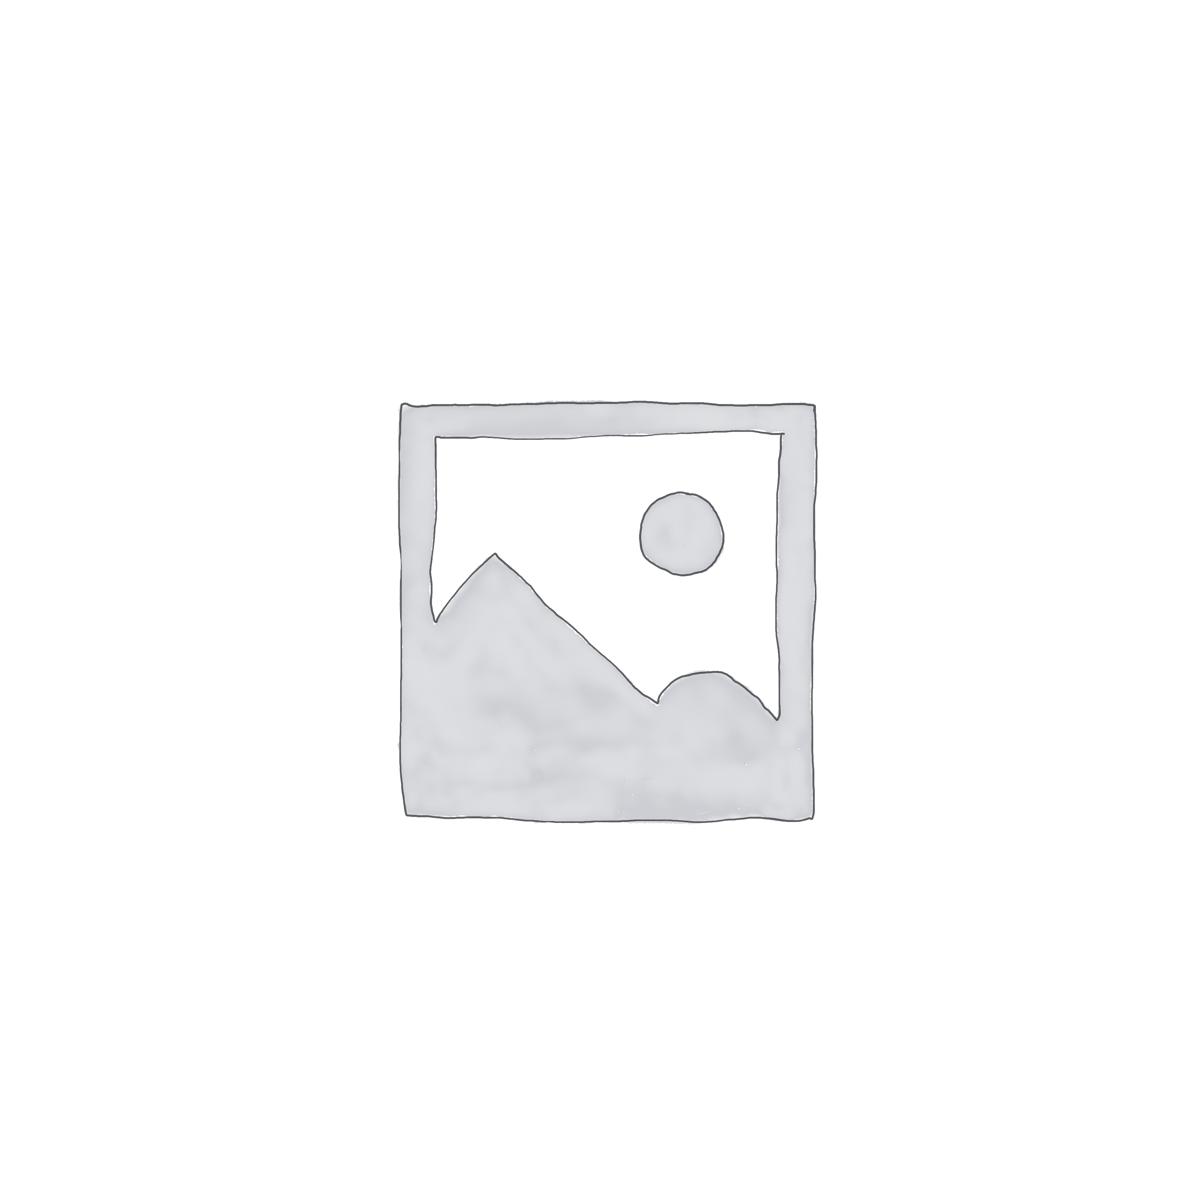 3D Embossed Look Magnolia Floral Wallpaper Mural